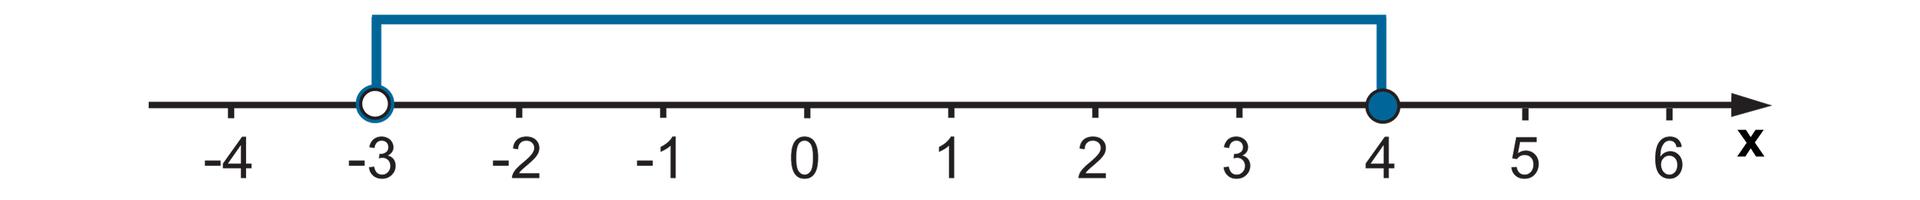 Rysunek osi liczbowej zzaznaczonymi punktami od -4 do 6. Niezamalowane kółko wpunkcie -3 izamalowane wpunkcie 4. Zaznaczone wszystkie liczby między nimi.